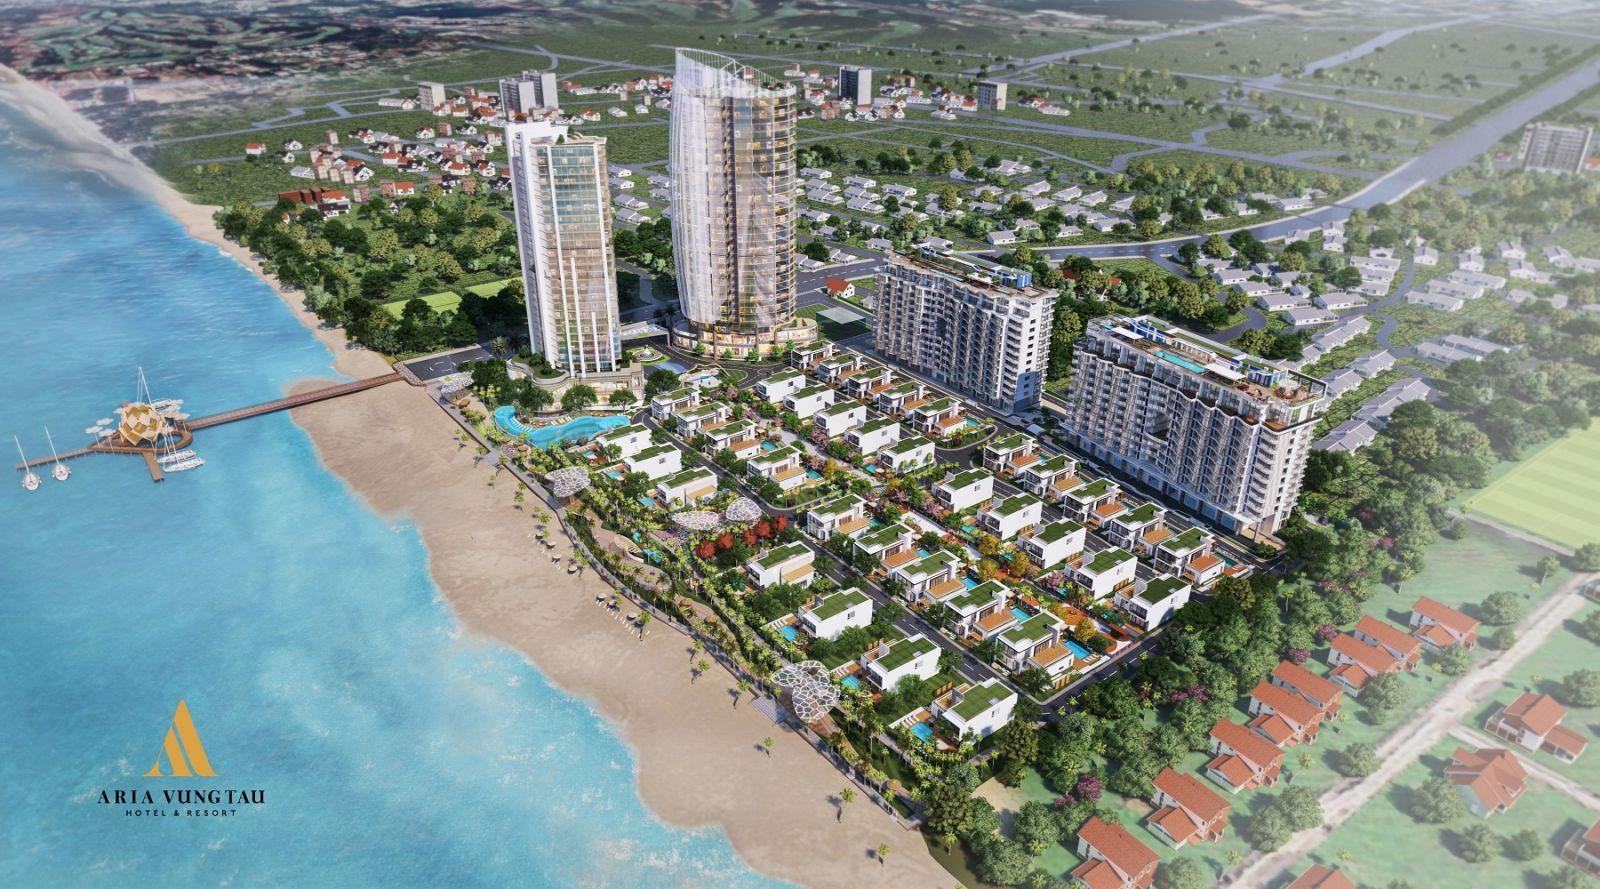 Toàn cảnh khu phức hợp nghỉ dưỡng dự án Aria Vũng Tàu Hotel & Resort